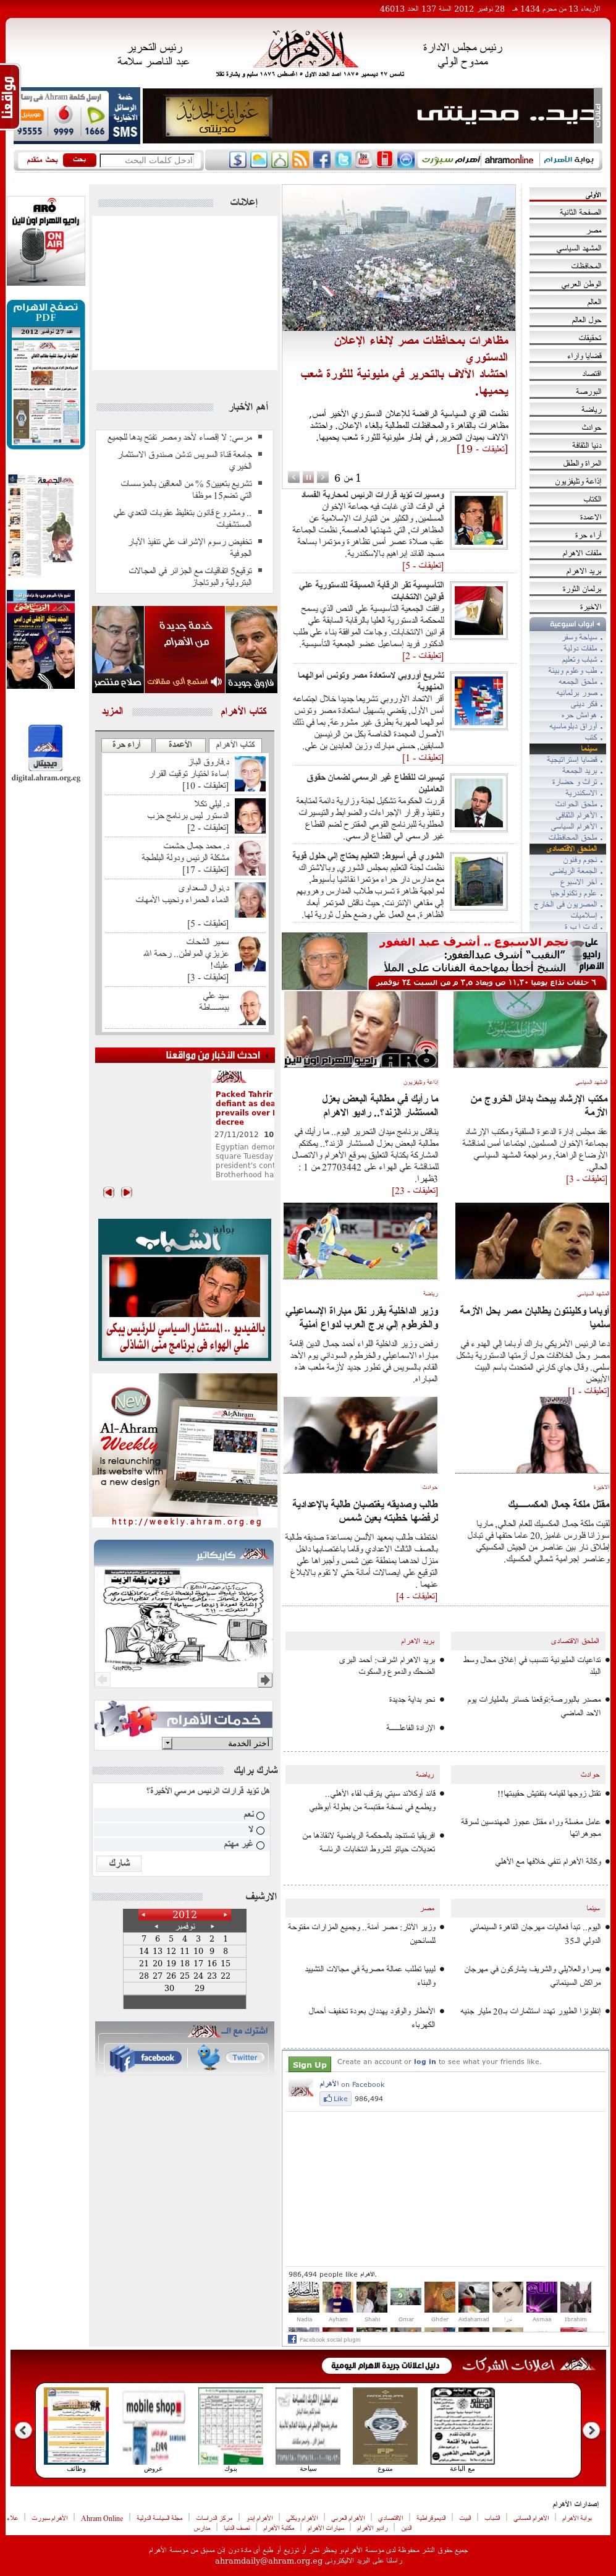 Al-Ahram at Wednesday Nov. 28, 2012, 3 a.m. UTC